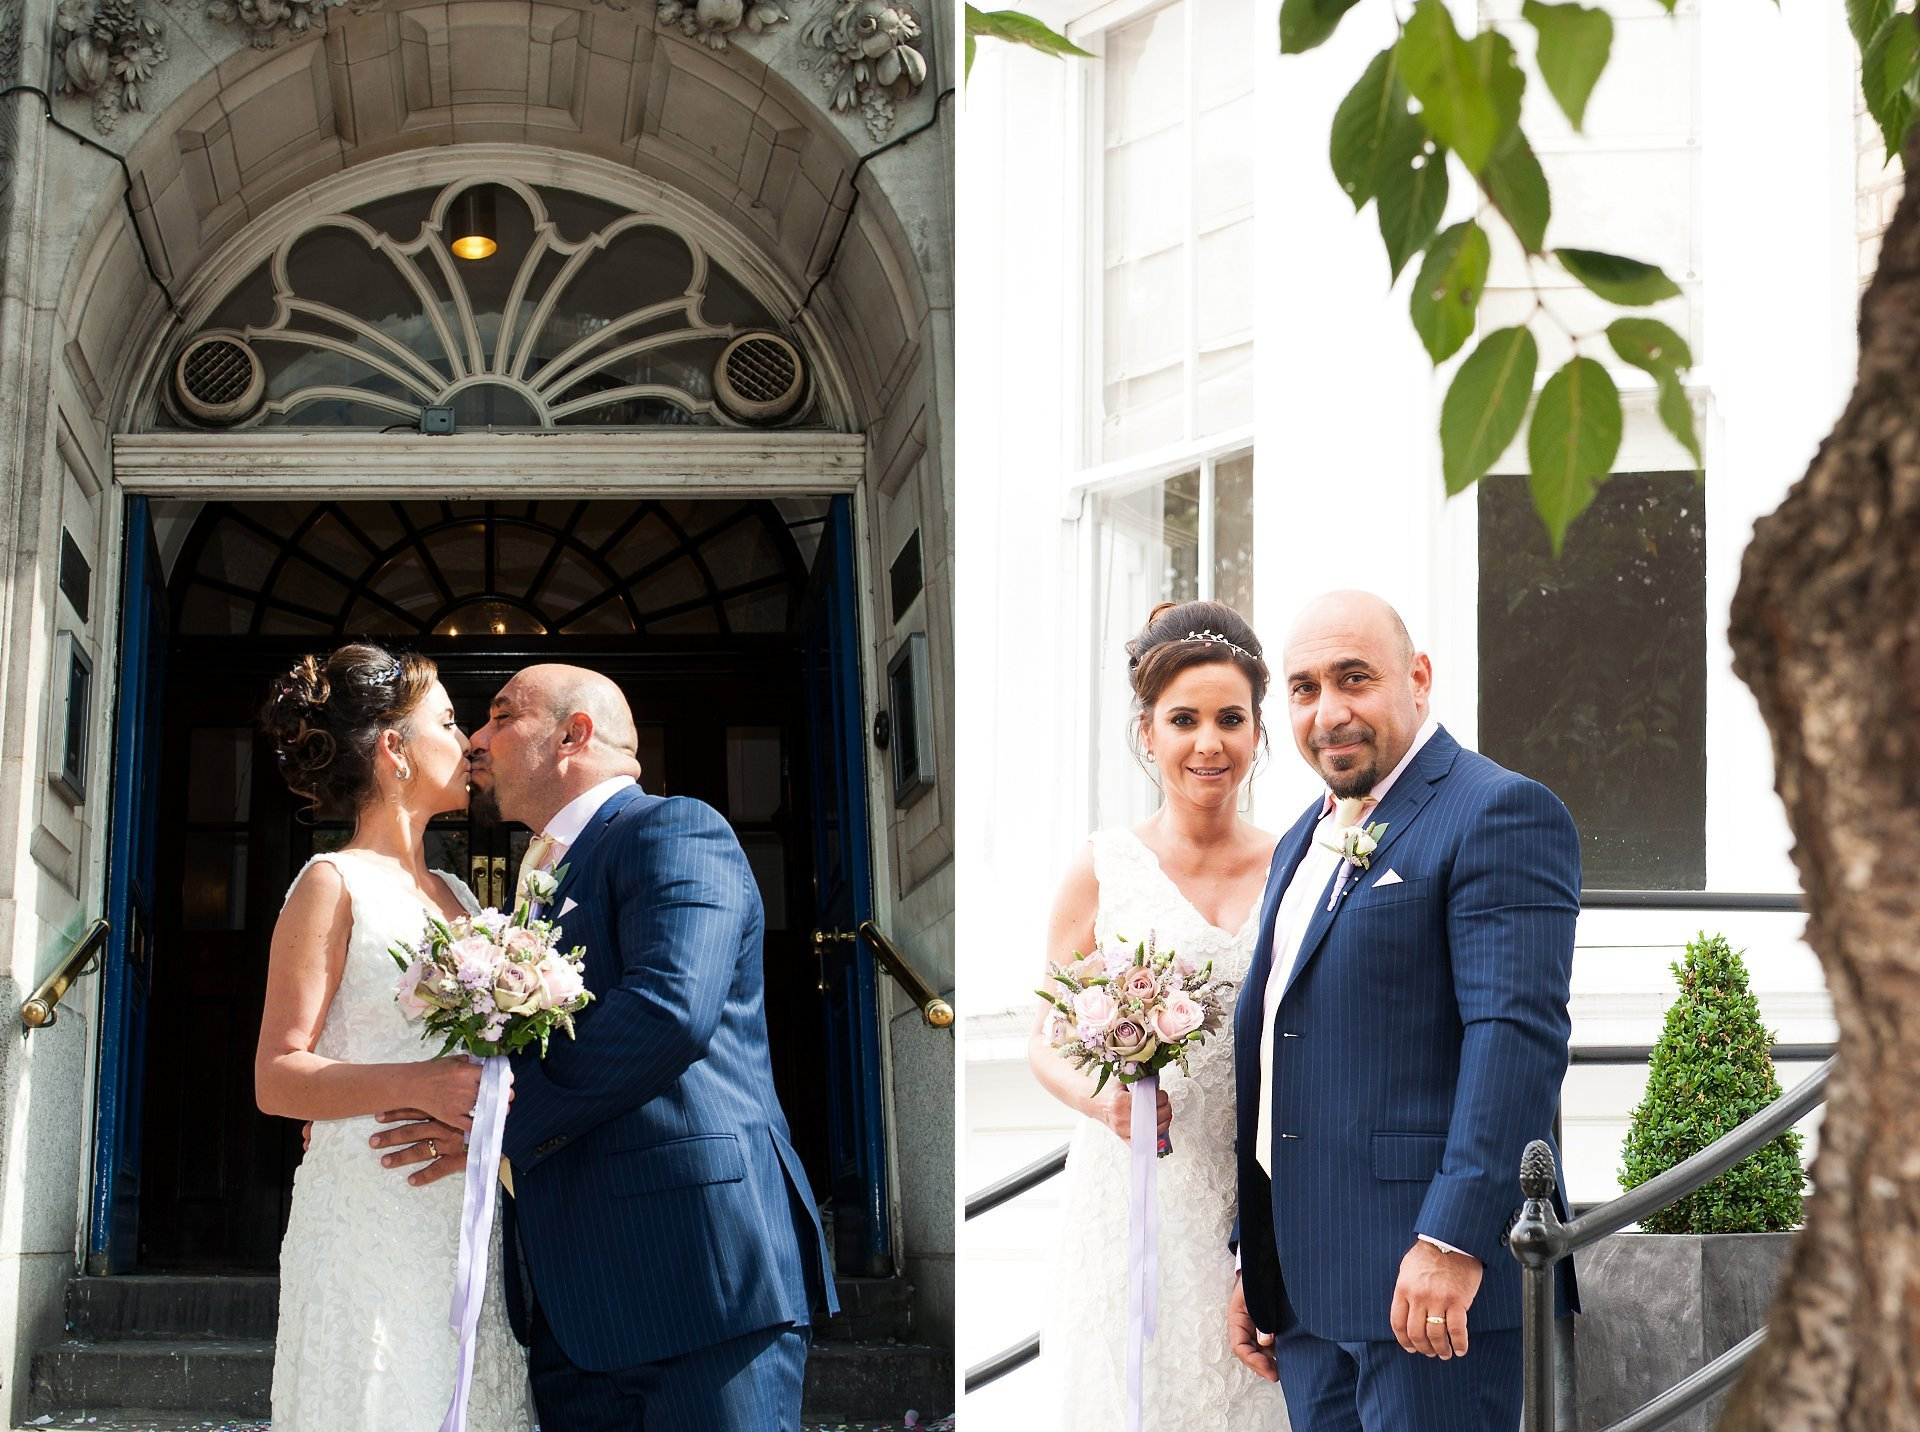 Bride & groom celebrate their Chelsea wedding